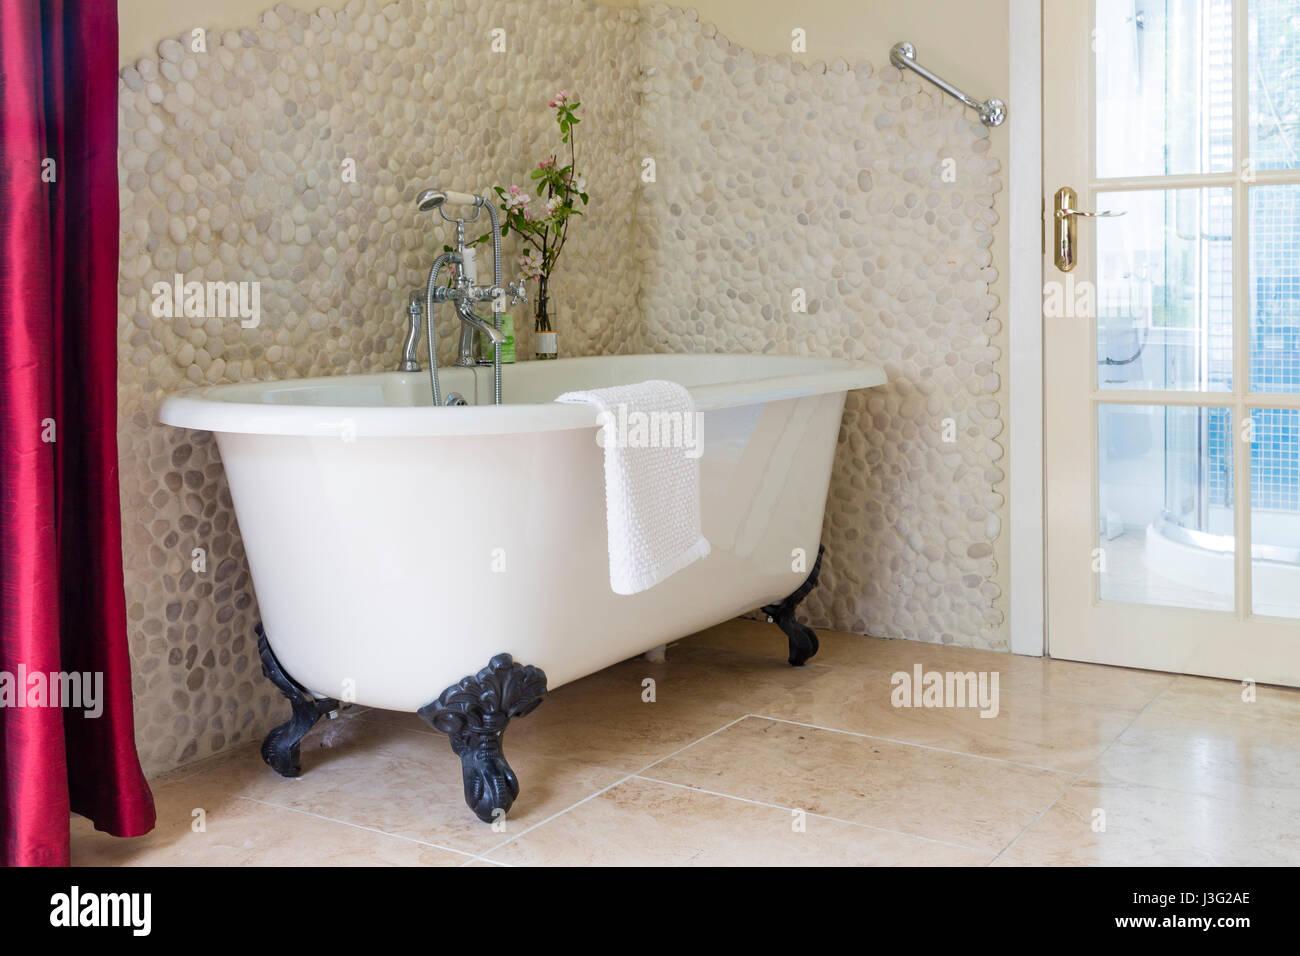 Bekannt Freistehende Badewanne für Emaille Sockel Stockfoto, Bild QF68